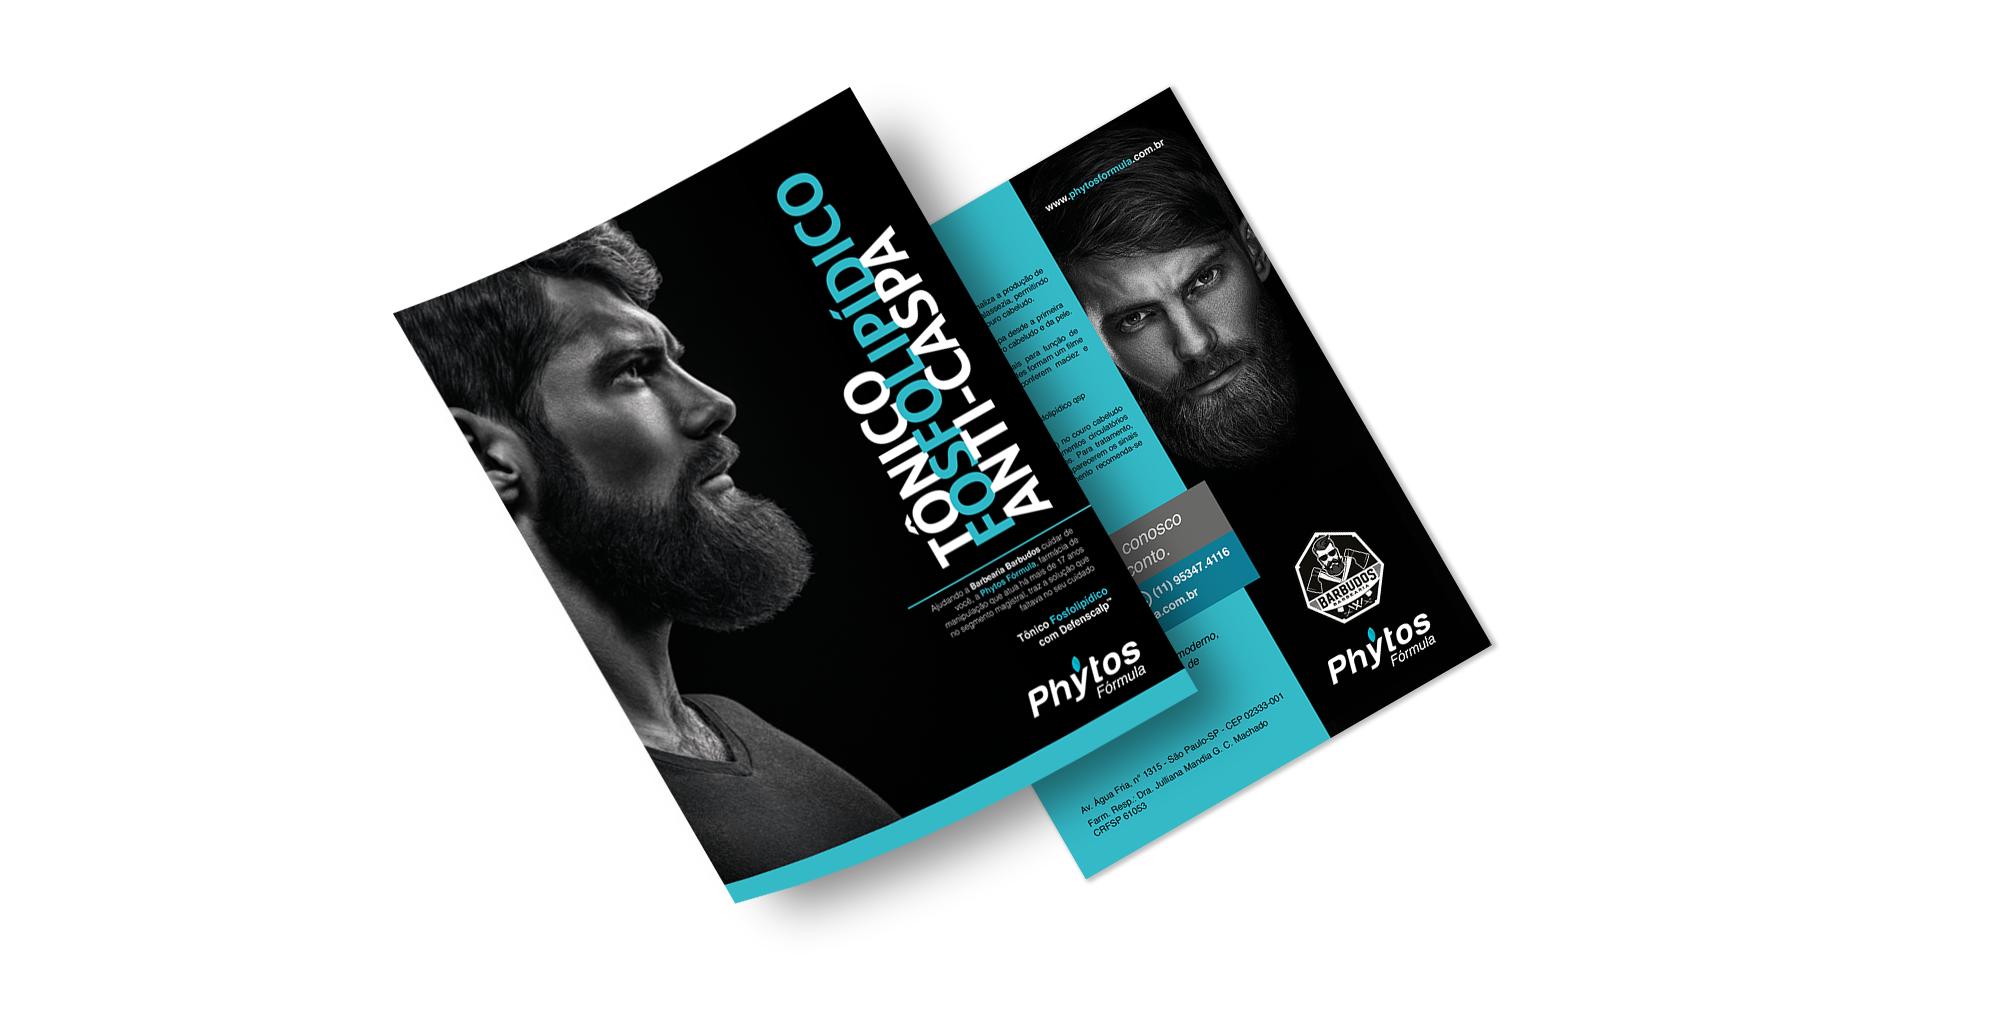 Folder promocional de produto cosmético   Phytos Fórmula